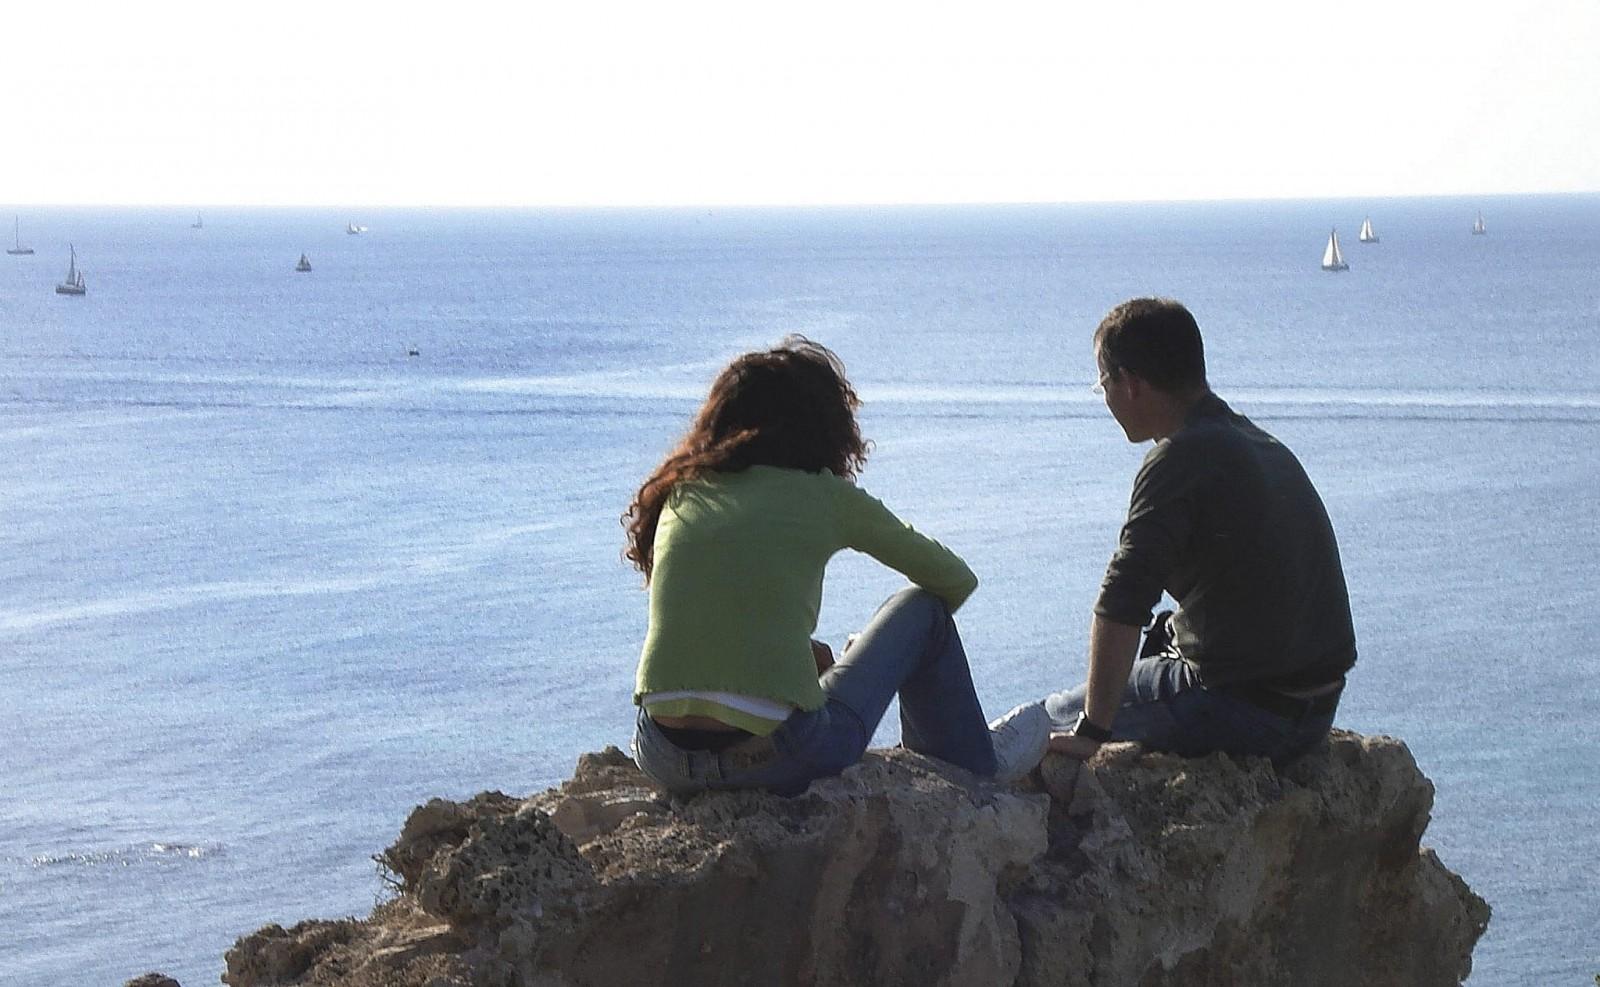 Vistas deslumbrantes desde el Parque Nacional Apollonia, Herzliya. Foto por Lara Hart/FLASH90